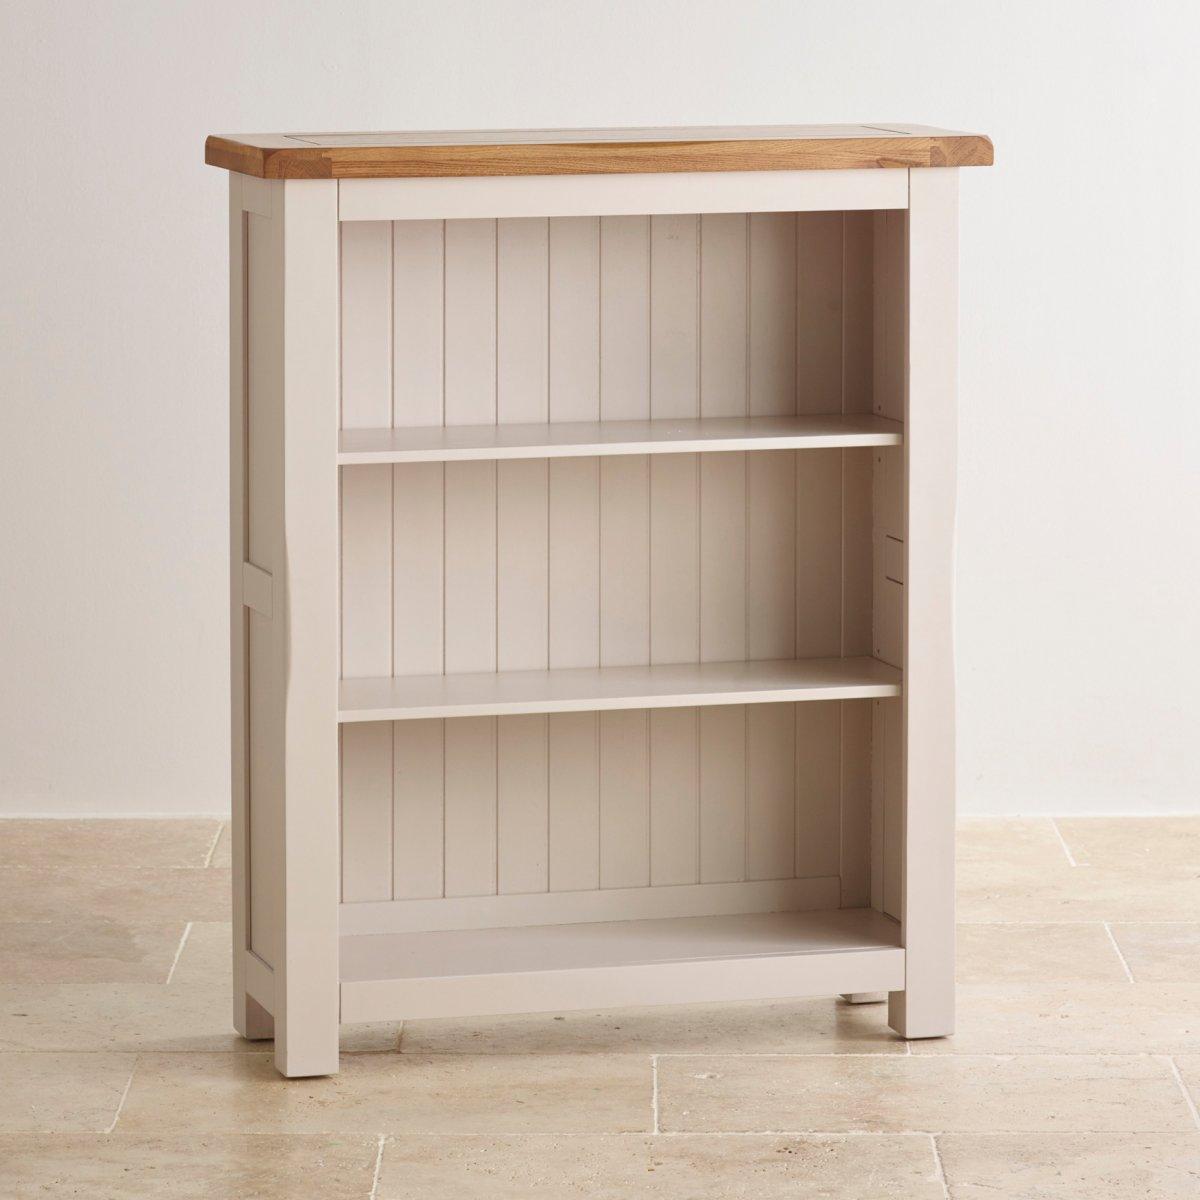 Kemble Small Solid Oak Small Bookcase